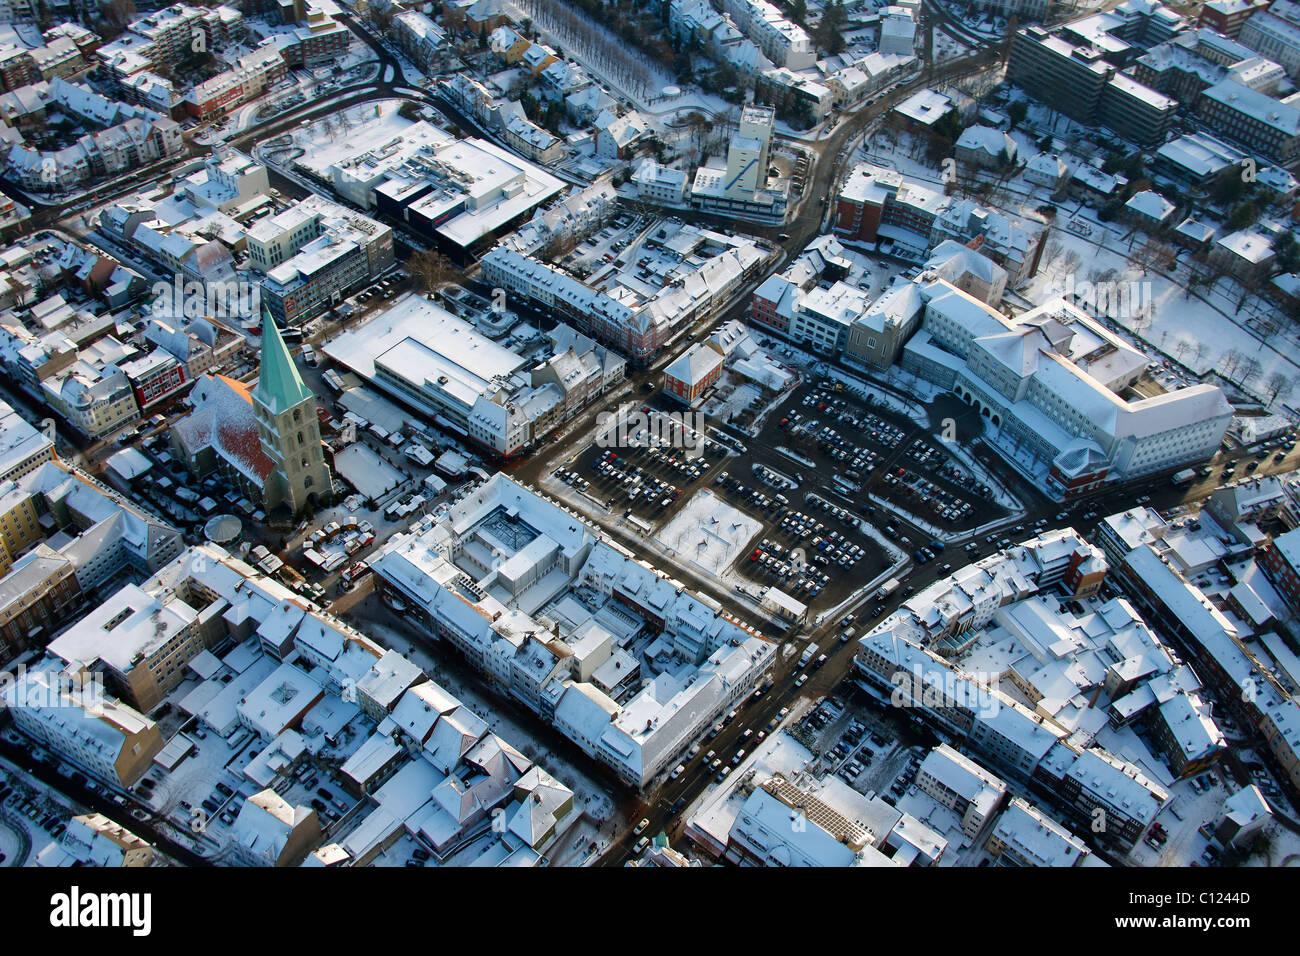 Luftbild, Santa Monica Square, Marien-Hospital, Hamm, Ruhrgebiet, Nordrhein-Westfalen, Deutschland, Europa Stockbild